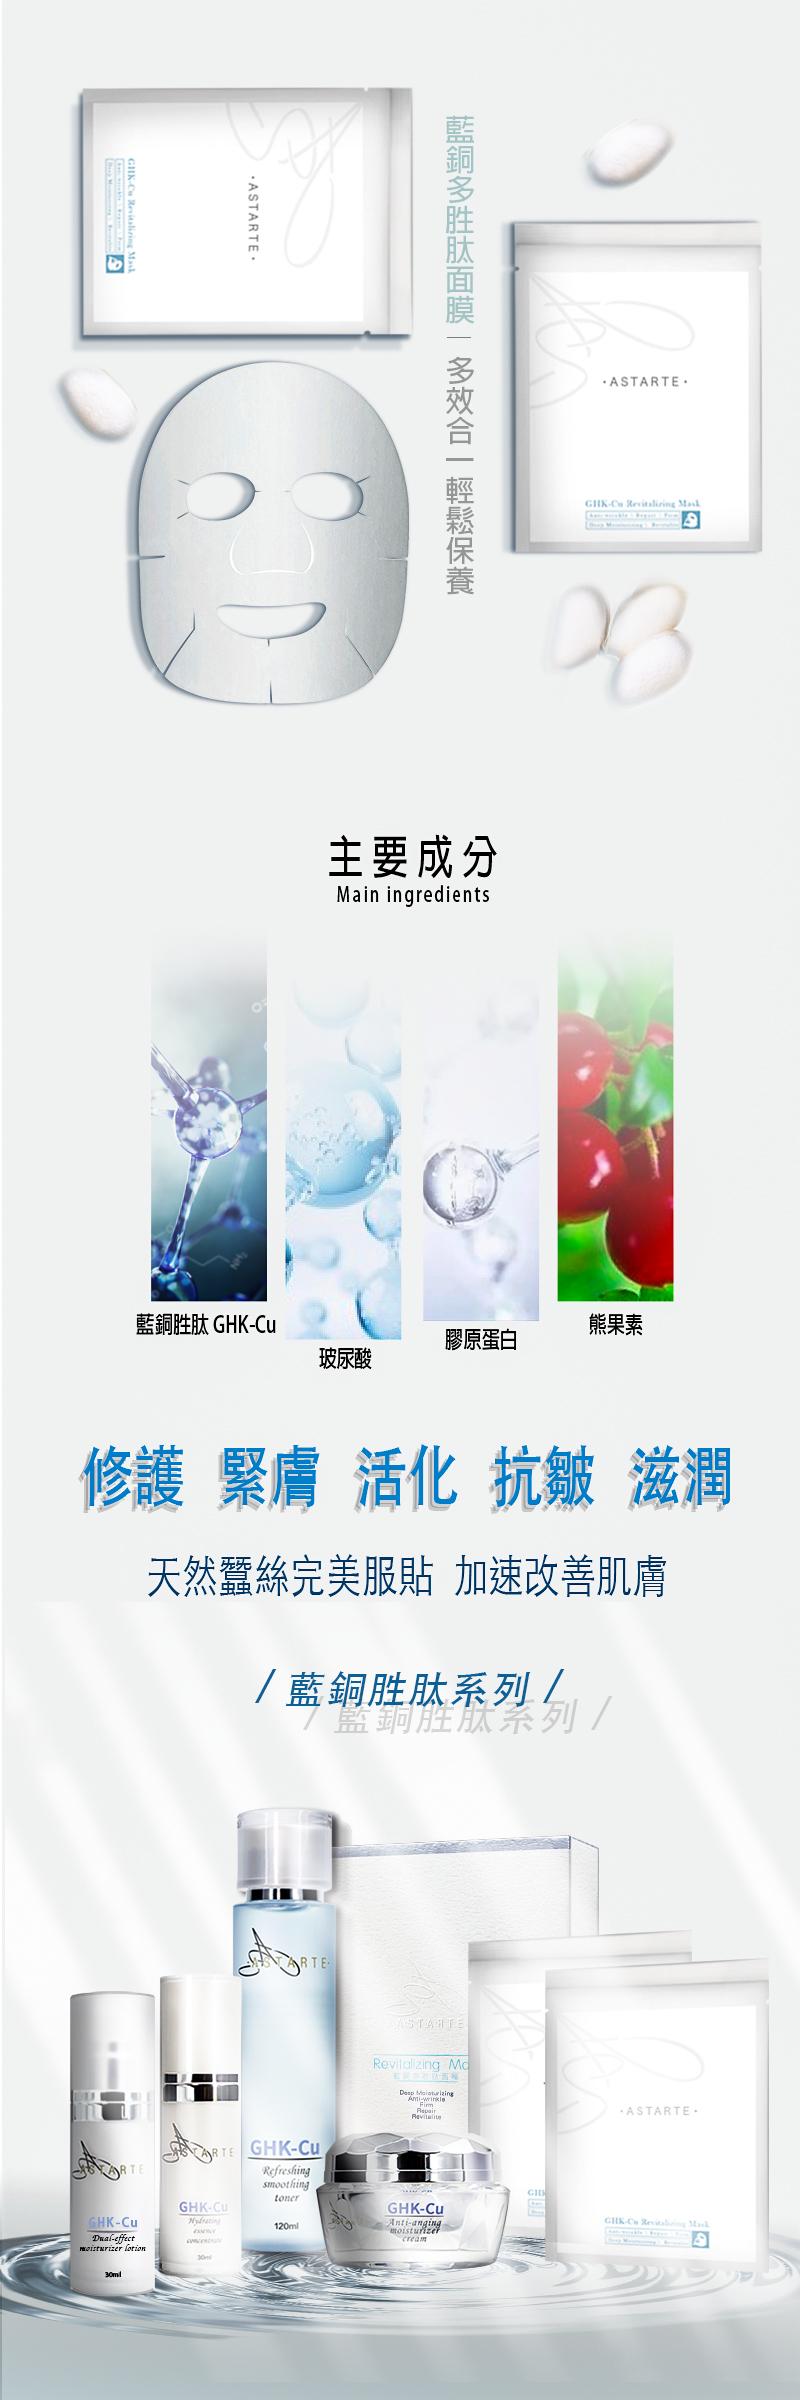 藍銅多胜肽面膜EDM2.jpg